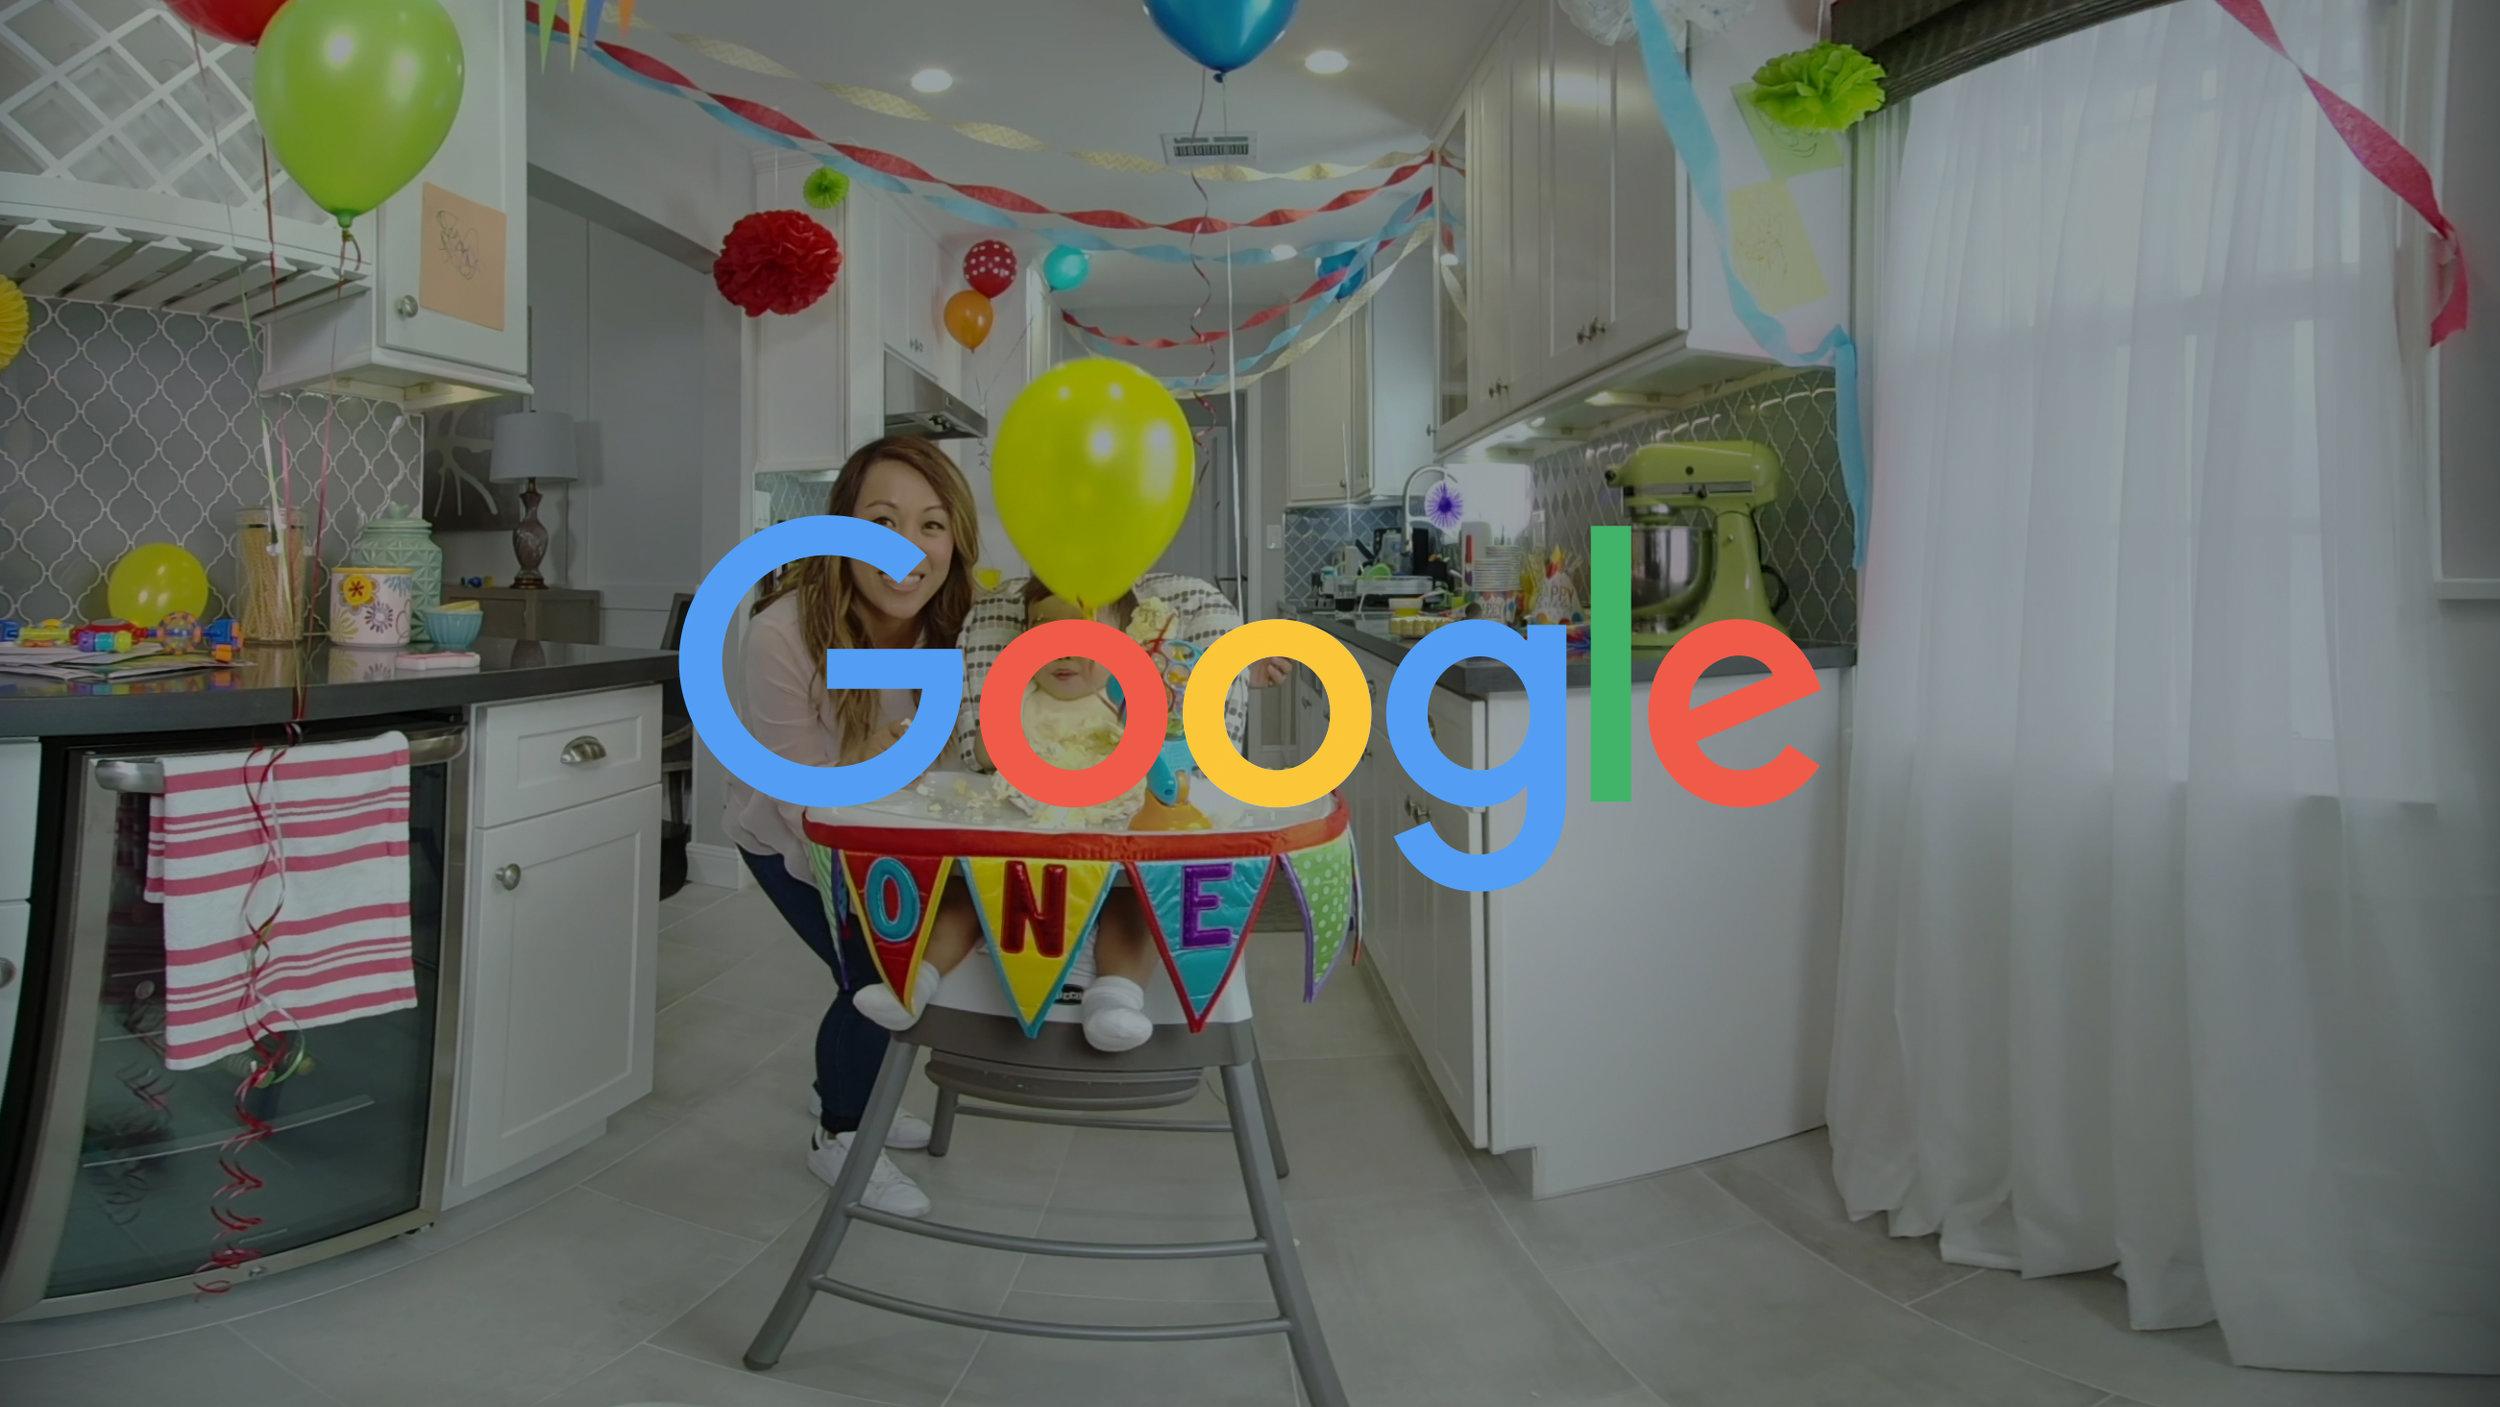 google180.jpg